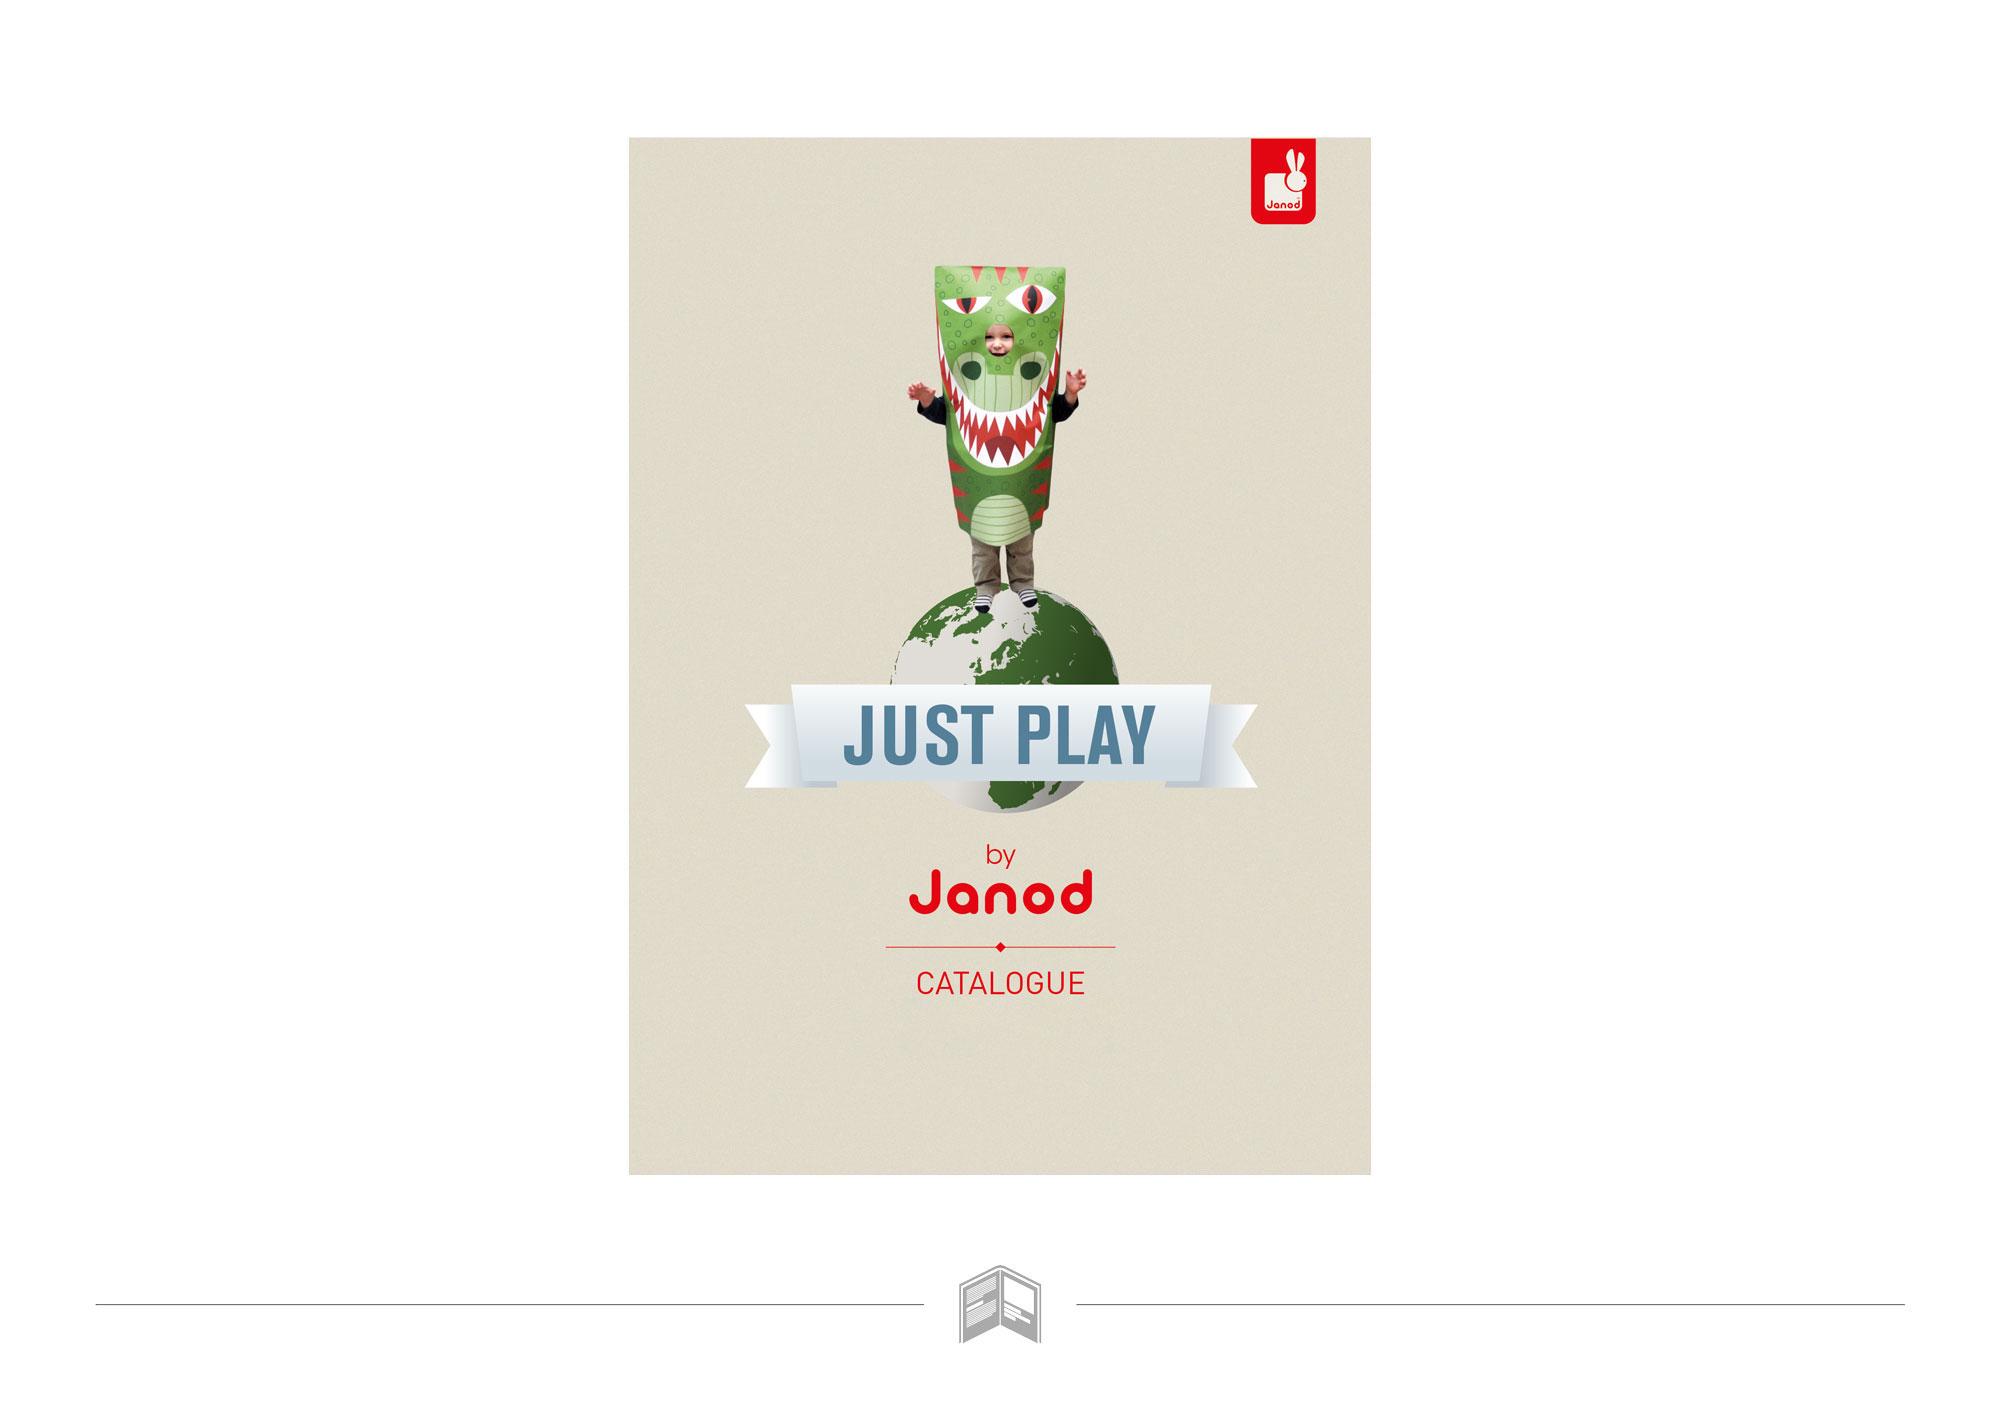 JANDOD-IDV-10